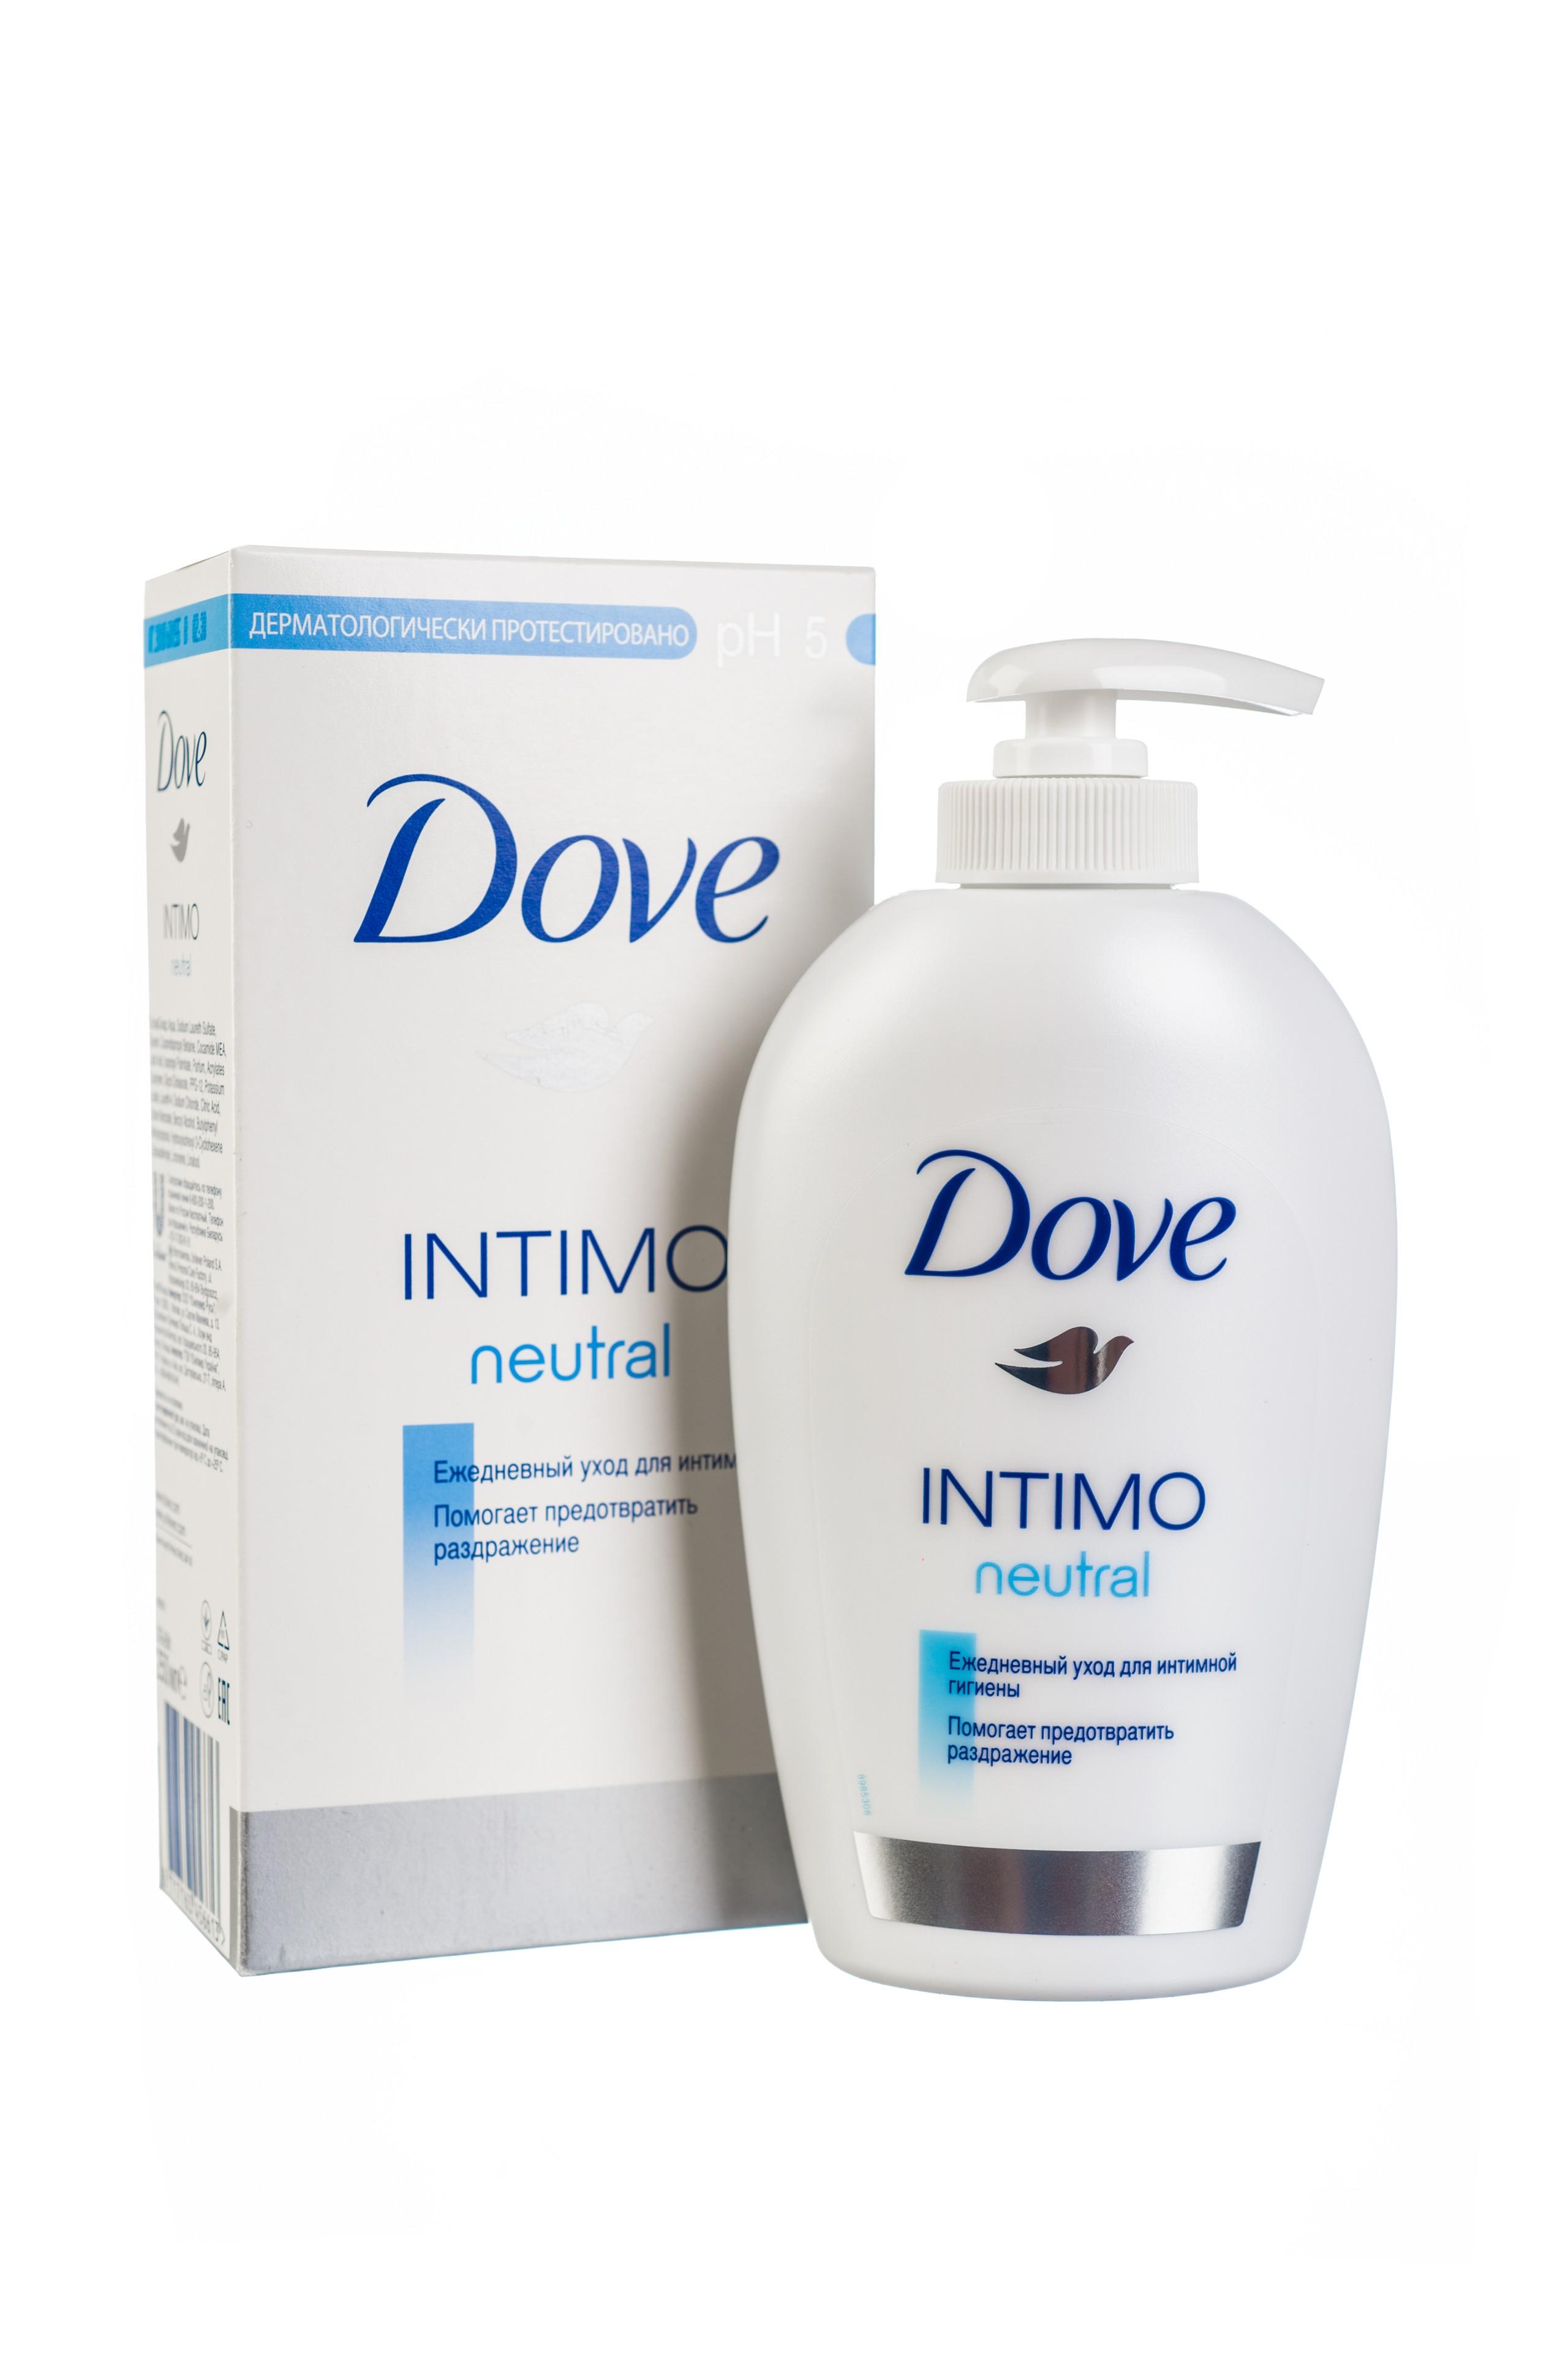 Dove Средство для интимной гигиены Intimo Neutral 250 мл 21138052